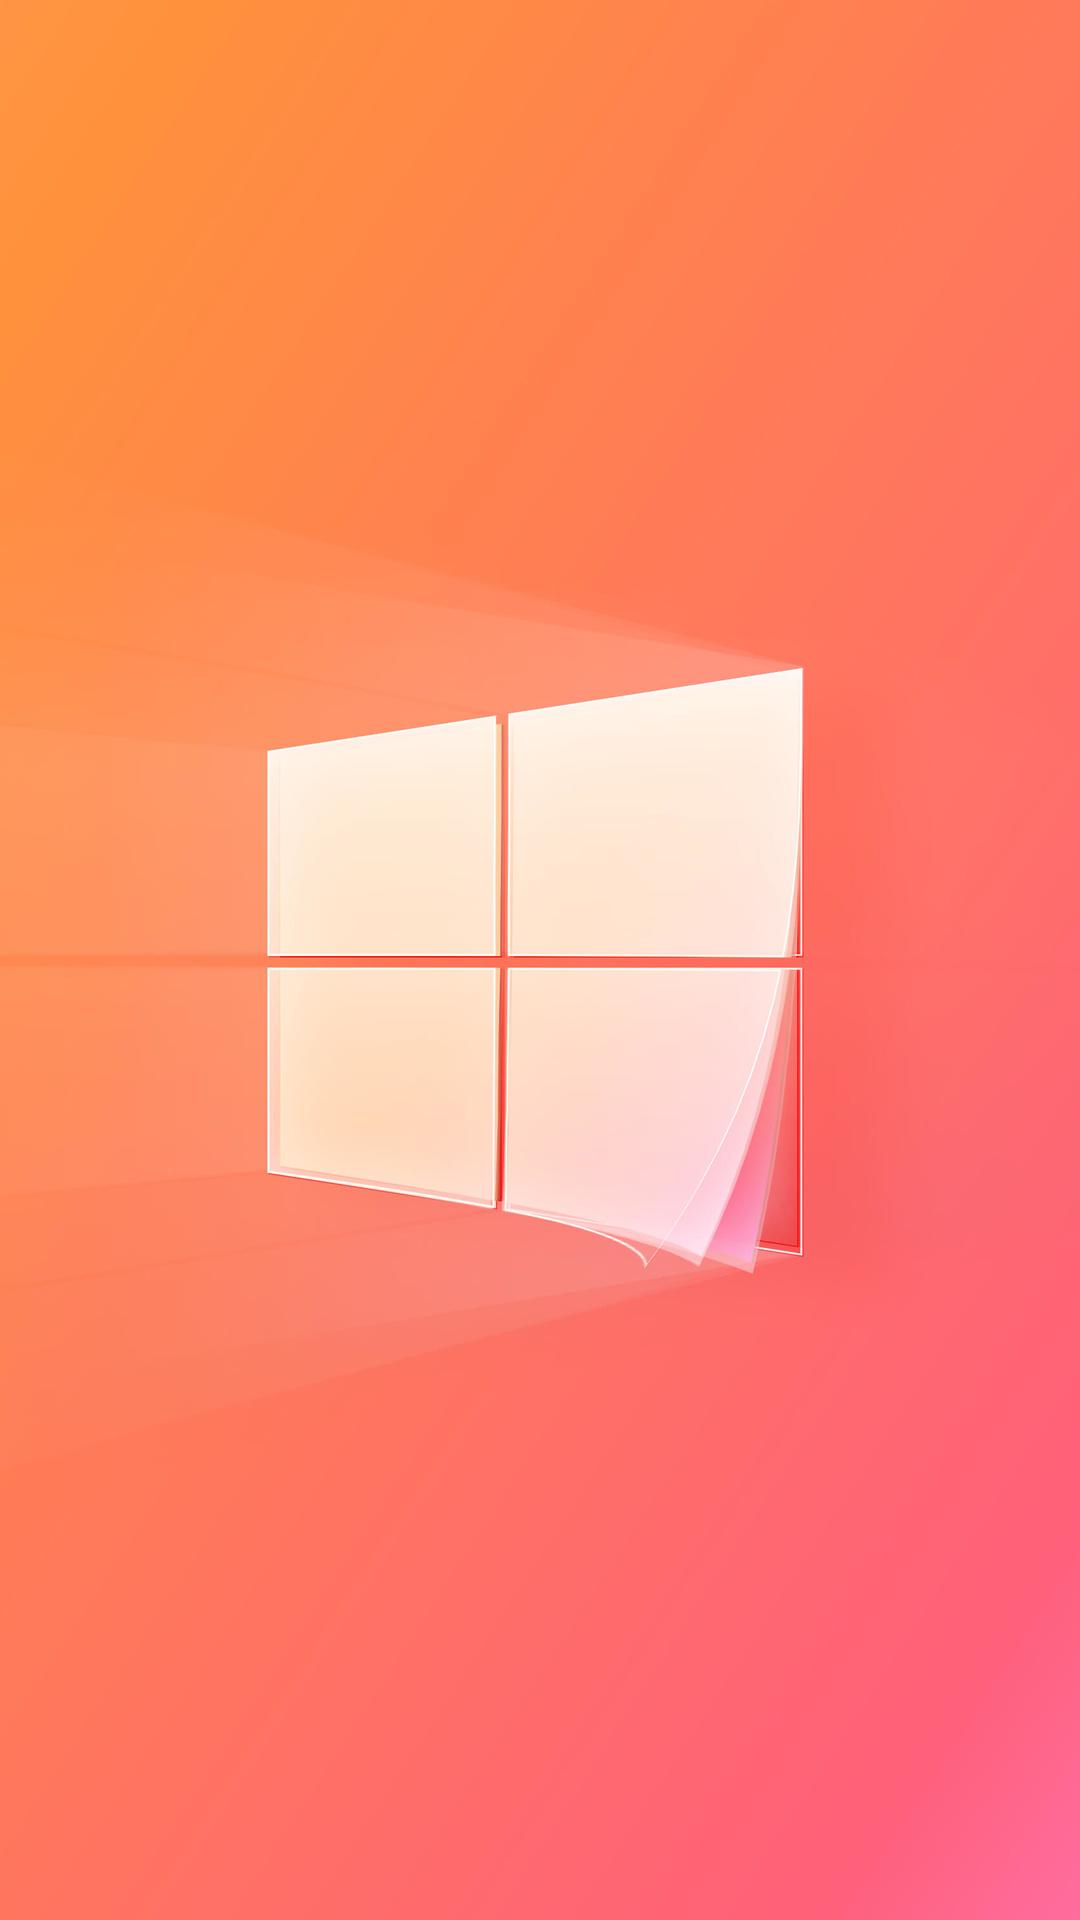 Windows Minimal 4k Hd Wallpaper